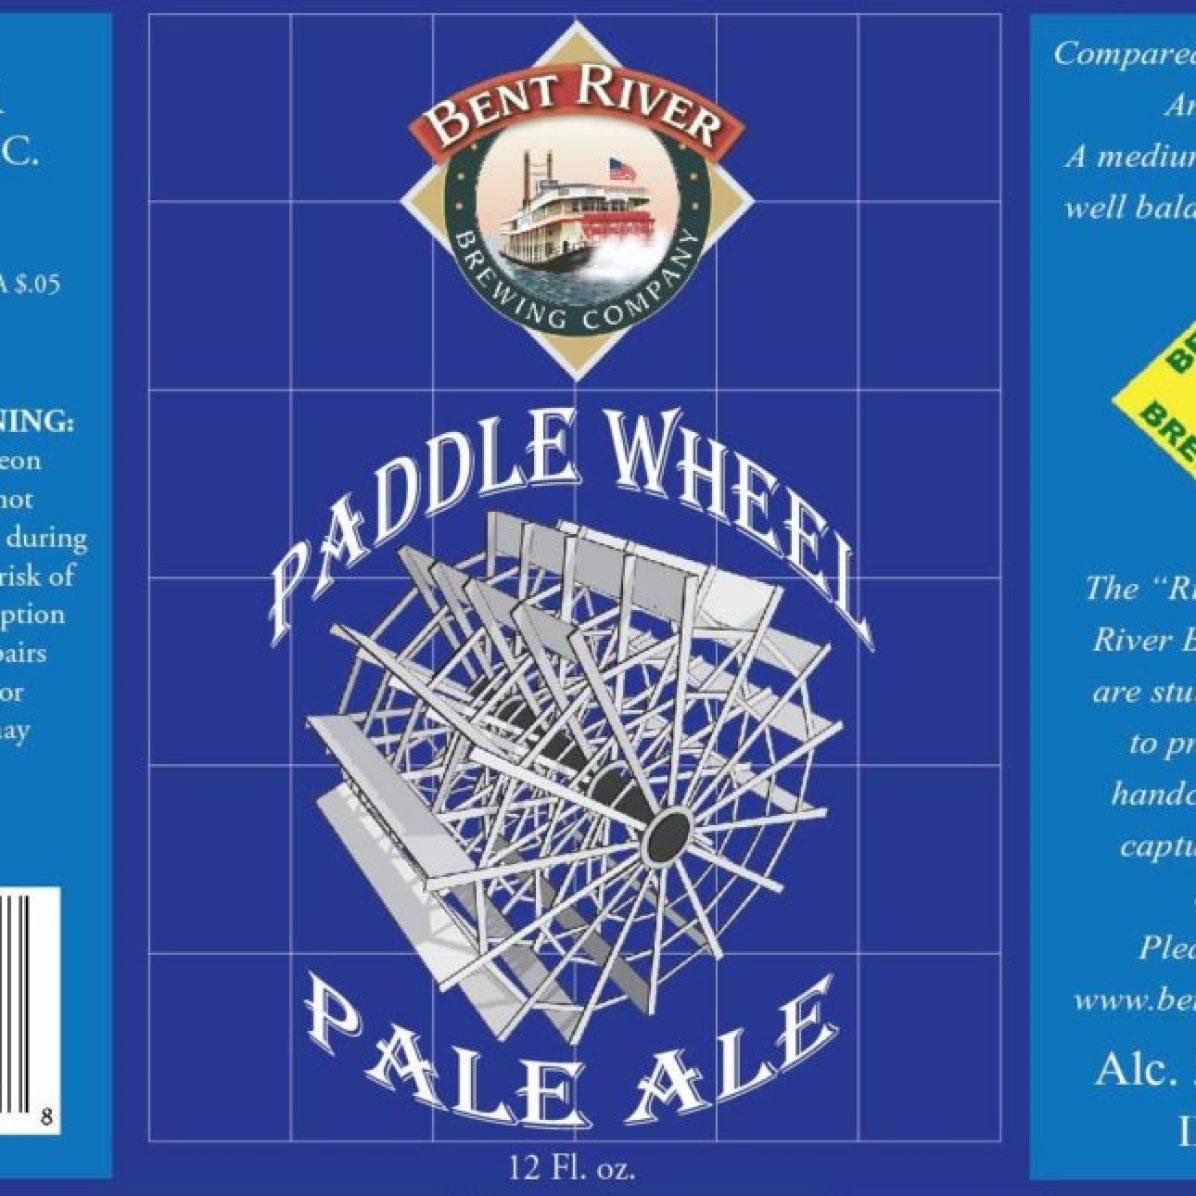 Bent River Paddle Wheel Pale Ale